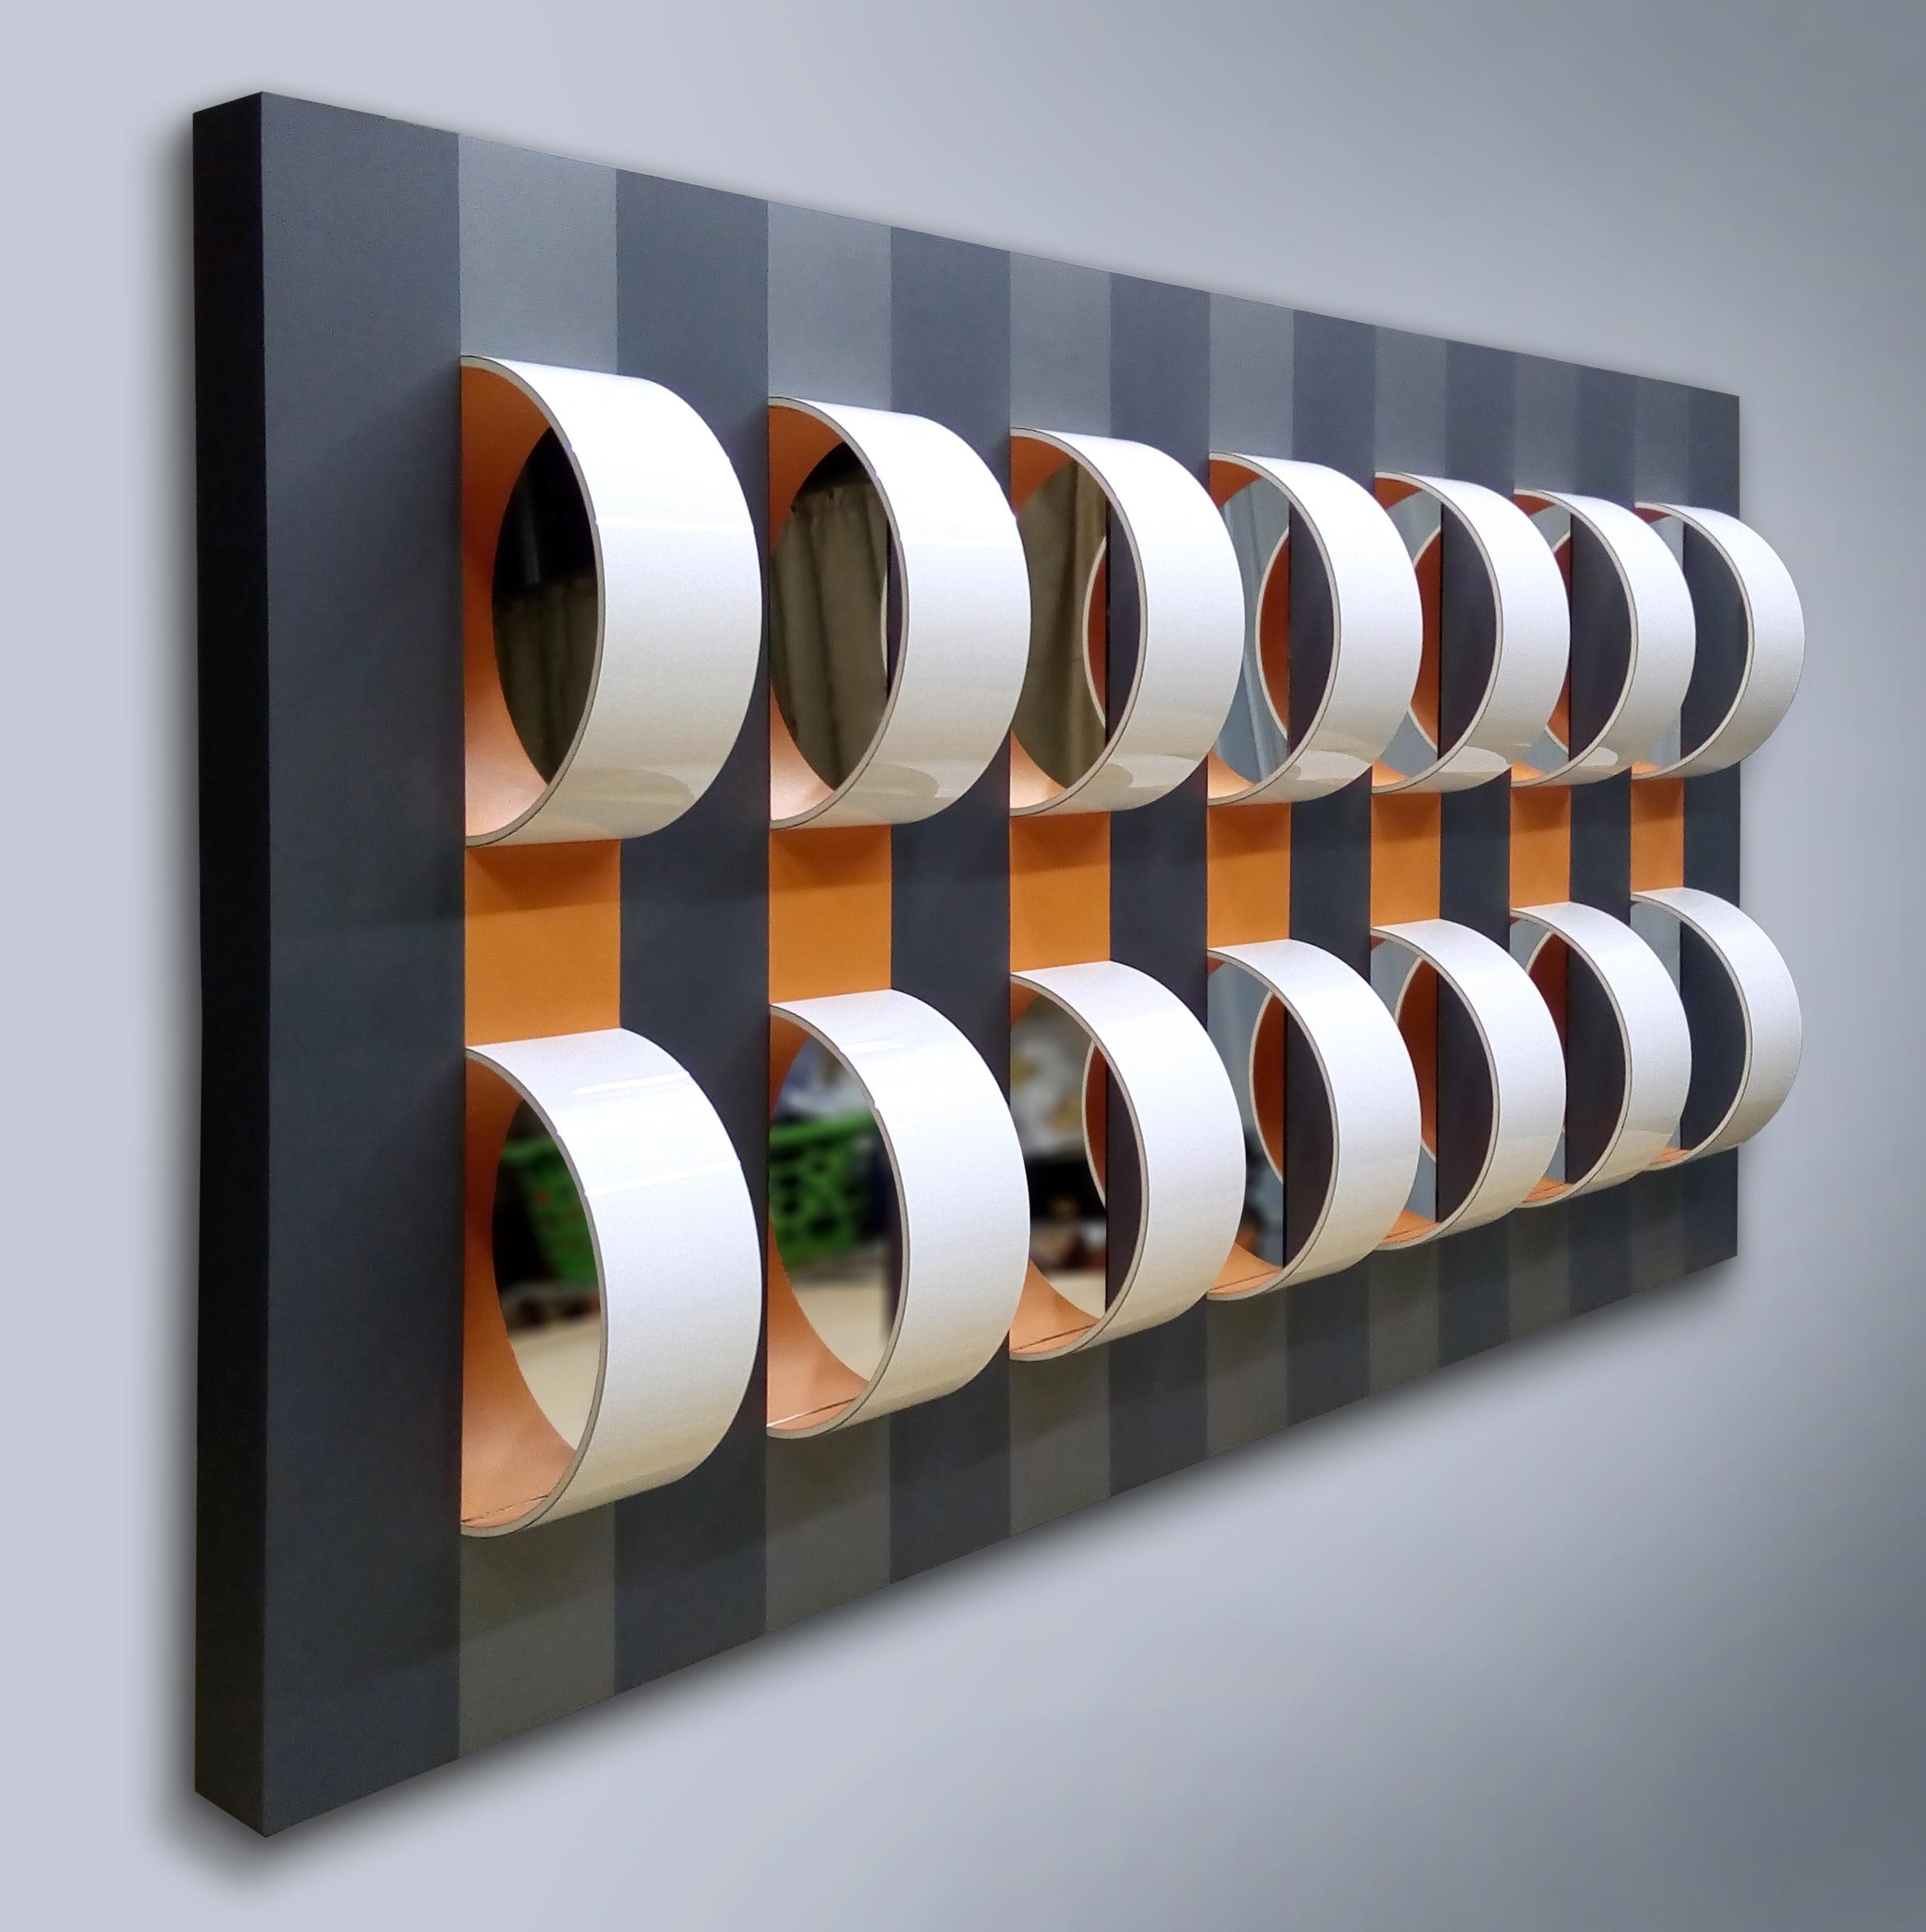 Robson Macedo, Corrente, Formica, pvc, pet e espelho sobre madeira, 110 x 81 x 15 cm, 2018 - LATERAL